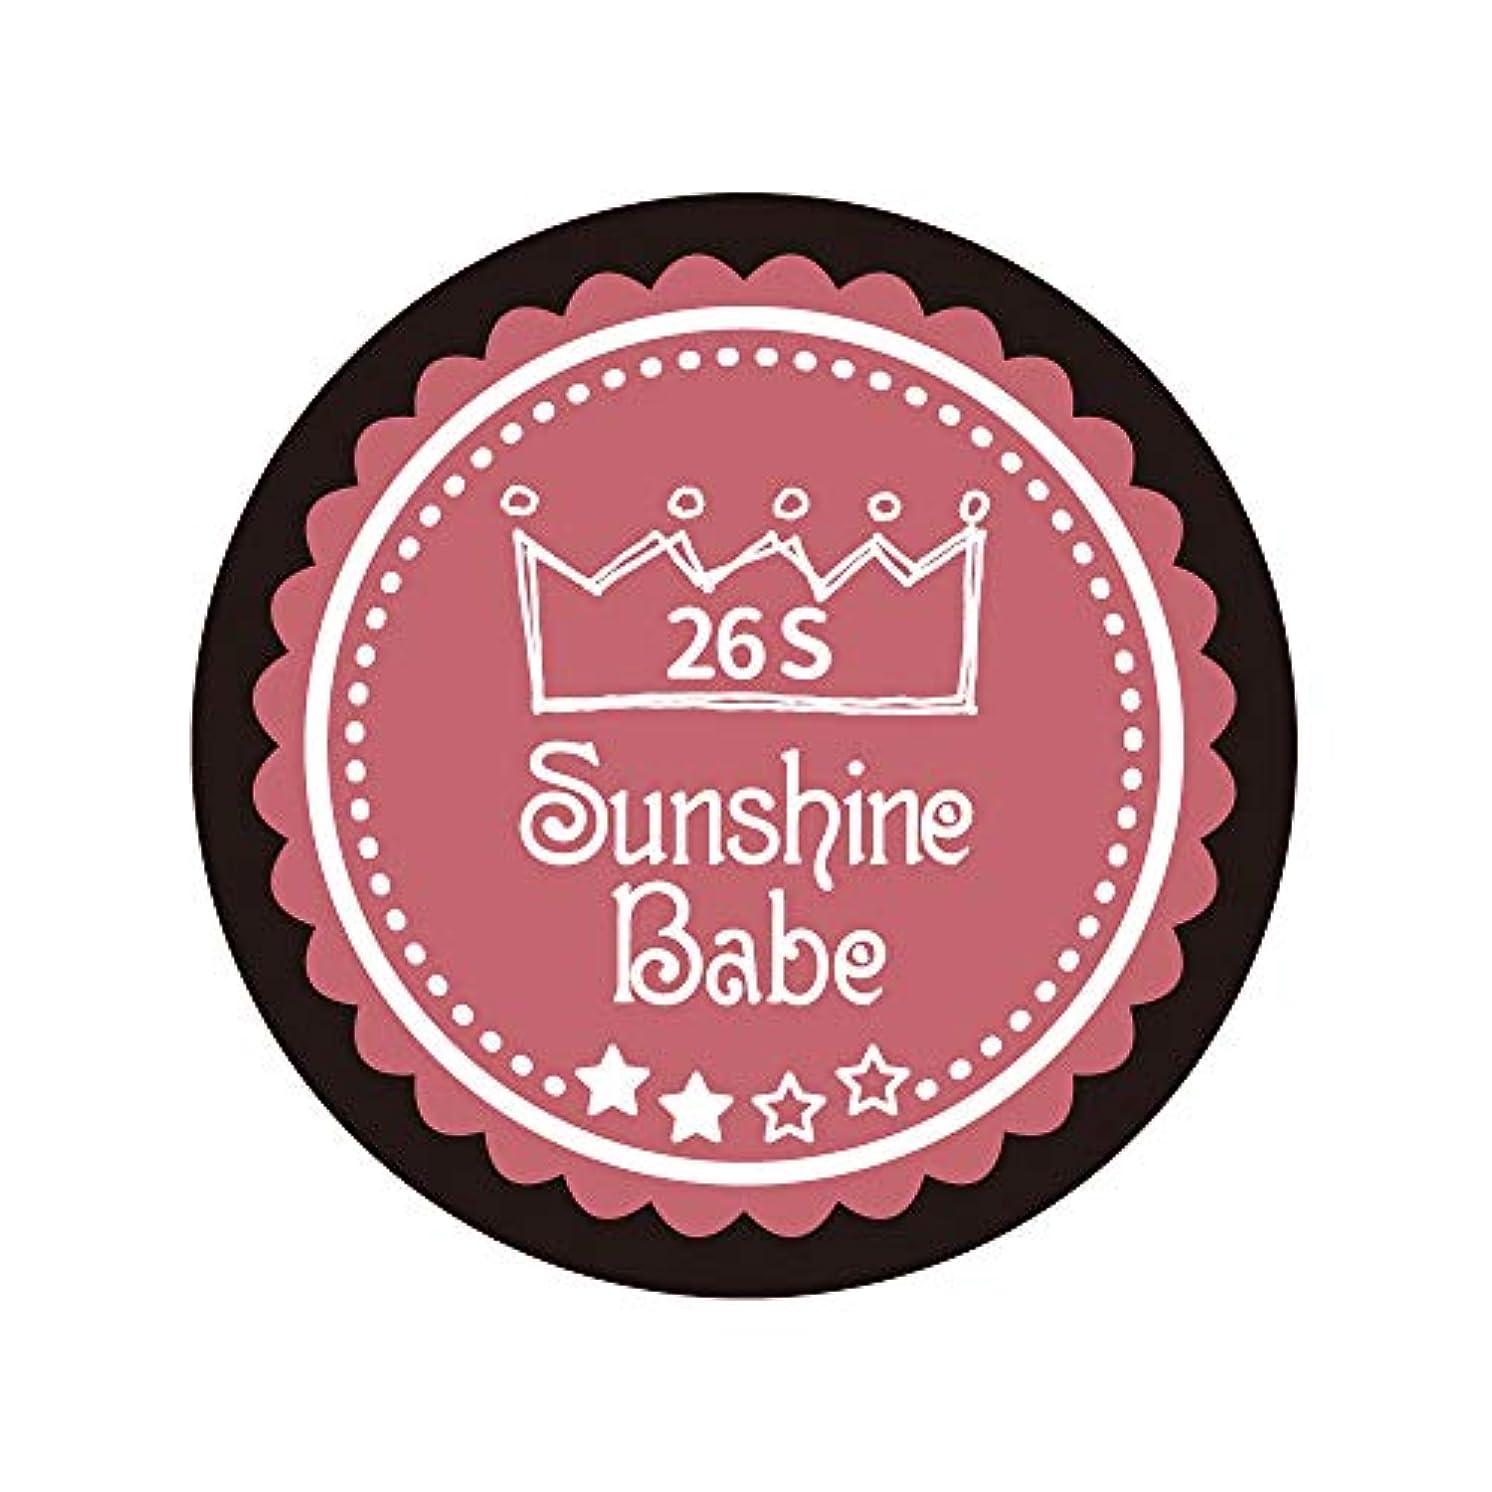 巨大な尊厳発言するSunshine Babe カラージェル 26S ダスティローズ 2.7g UV/LED対応